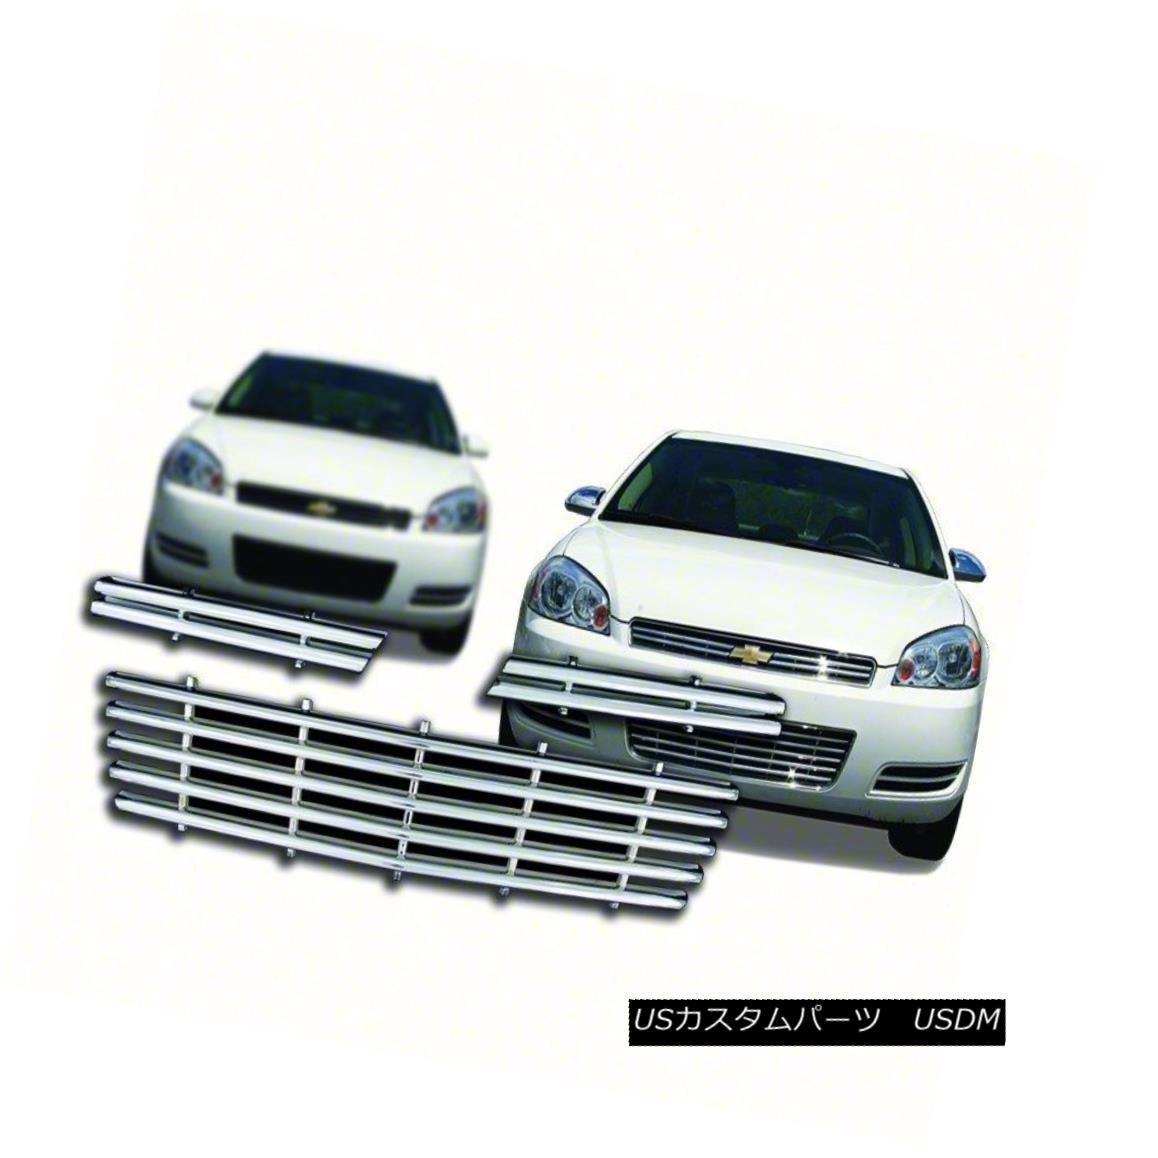 グリル 3pc Triple Chrome Plated Grille Overlay-Fits 2006-11 Chevrolet Impala-IWCGI80 3pcトリプルクロームメッキグリルオーバーレイフィット2006-11 Chevrolet Impala-IWCGI80